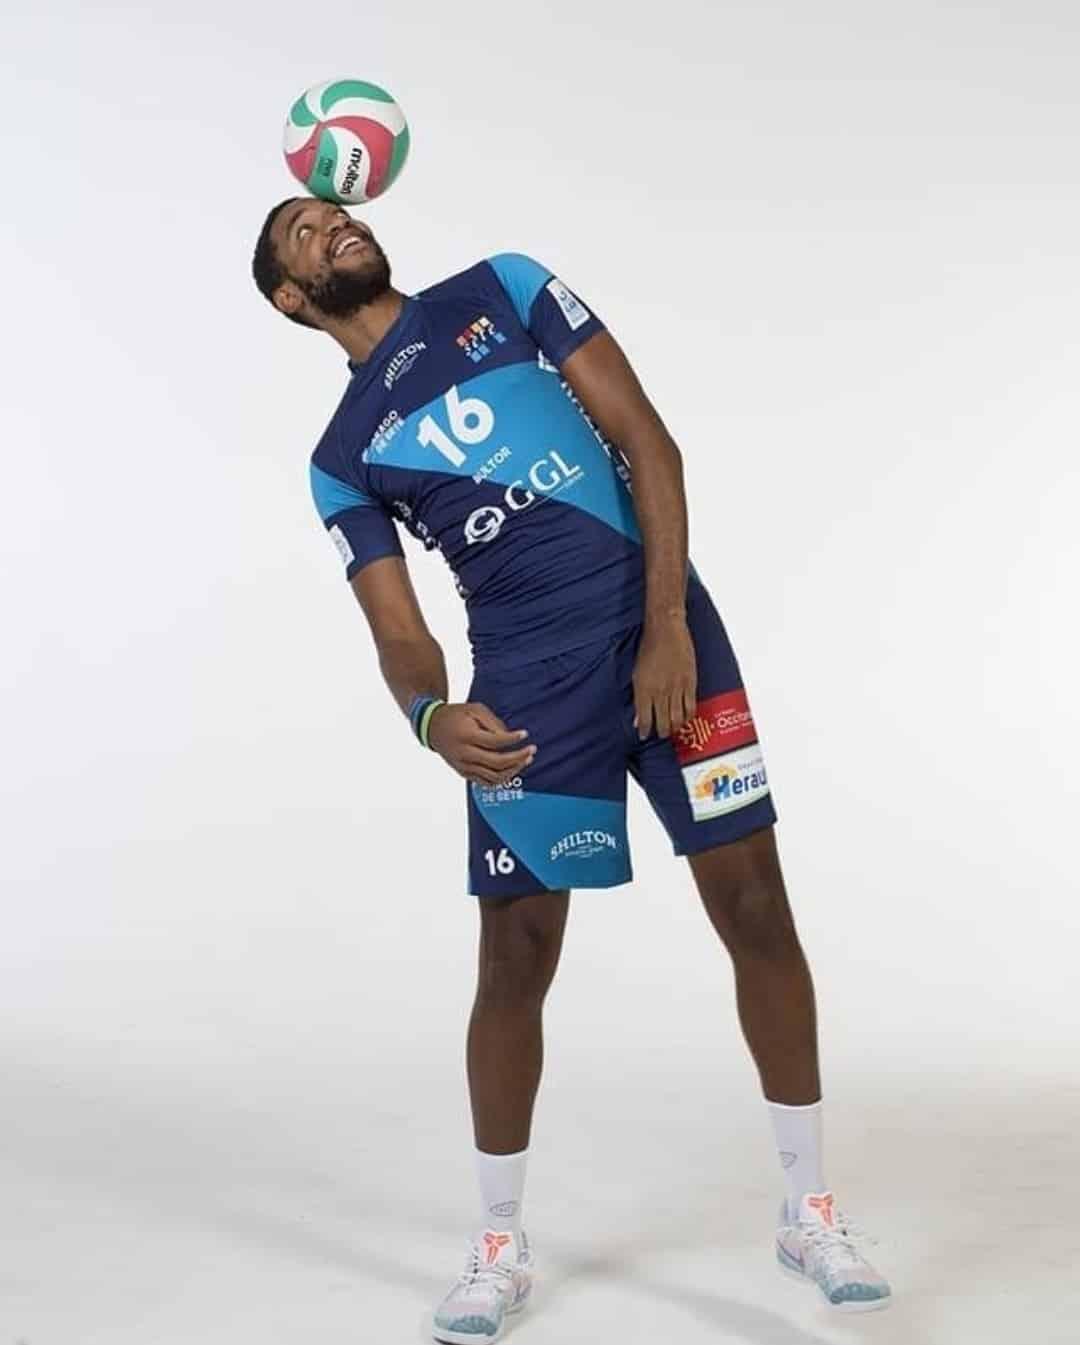 nouveau-maillot-volley-arago-de-sete-shilton-2018-2019-lam-3